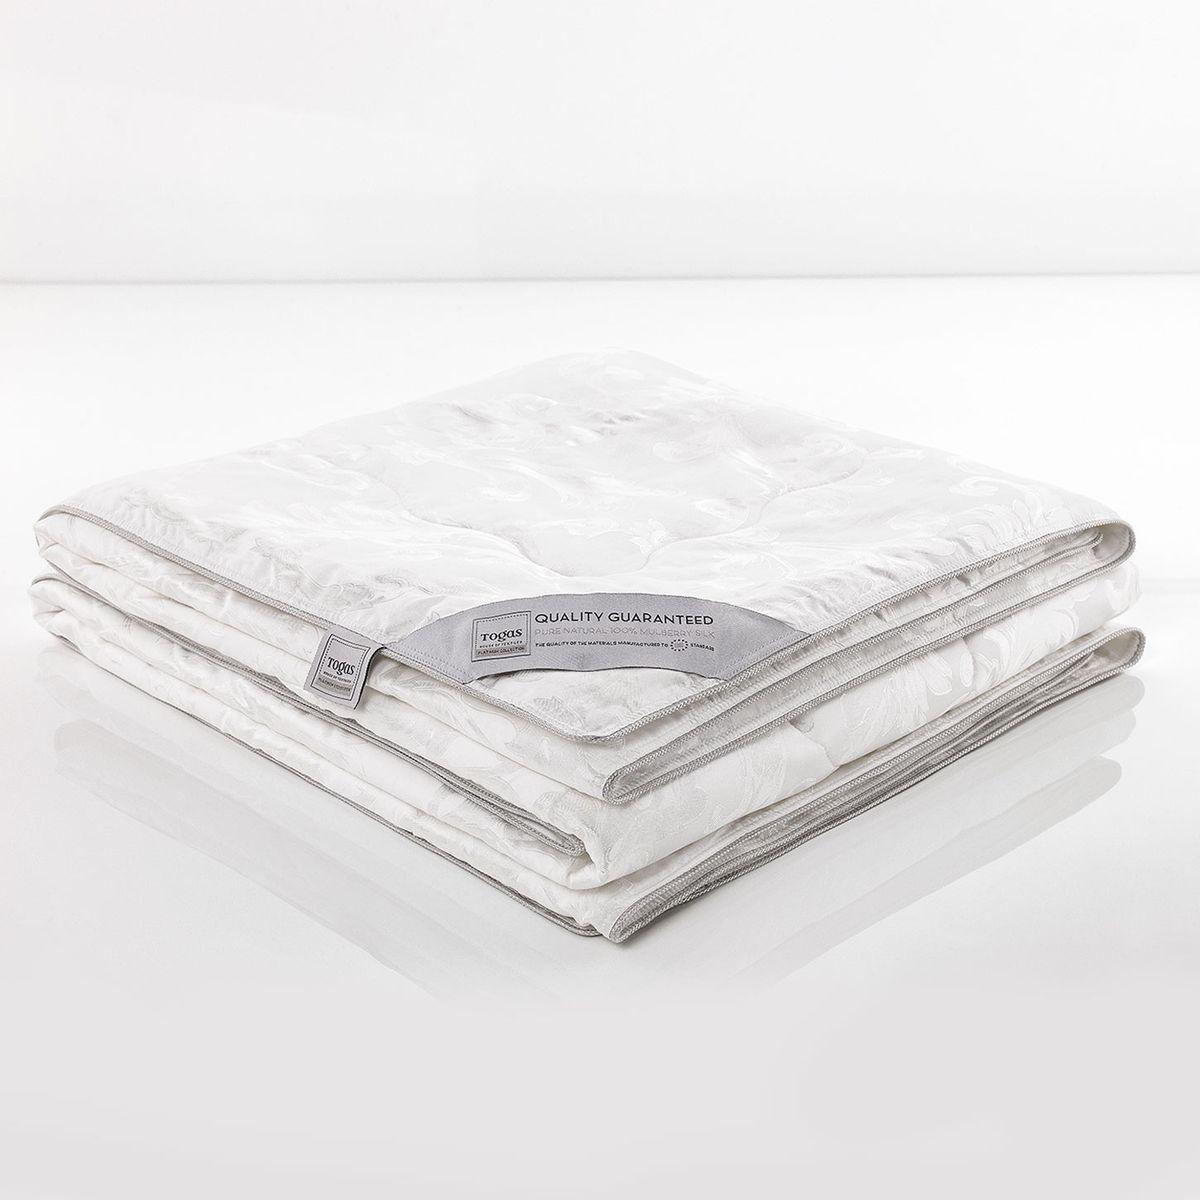 """Одеяло Шелк В Шелке, 220 х 240 см. 47.33S03301004Если Вы стремились к совершенству, - Вы его достигли: одеяло «Шелк в шелке» - настоящая жемчужина коллекции Togas. Ничто не сравнится с прикосновением натурального шелка к Вашей коже… Шелк - прекрасный натуральный терморегулятор. Он способен быстро поглощать тепло и поддерживать неизменную температуру тела вне зависимости от условий окружающей среды, создавая идеальный микроклимат. Шелк дышит: он хорошо впитывает и испаряет влагу, """"кондиционирует"""" тело во время сна, насыщая его кислородом.Одеяло, сделанное из натурального шелка сорта Малбери, отличается особой нежностью и абсолютной невесомостью."""